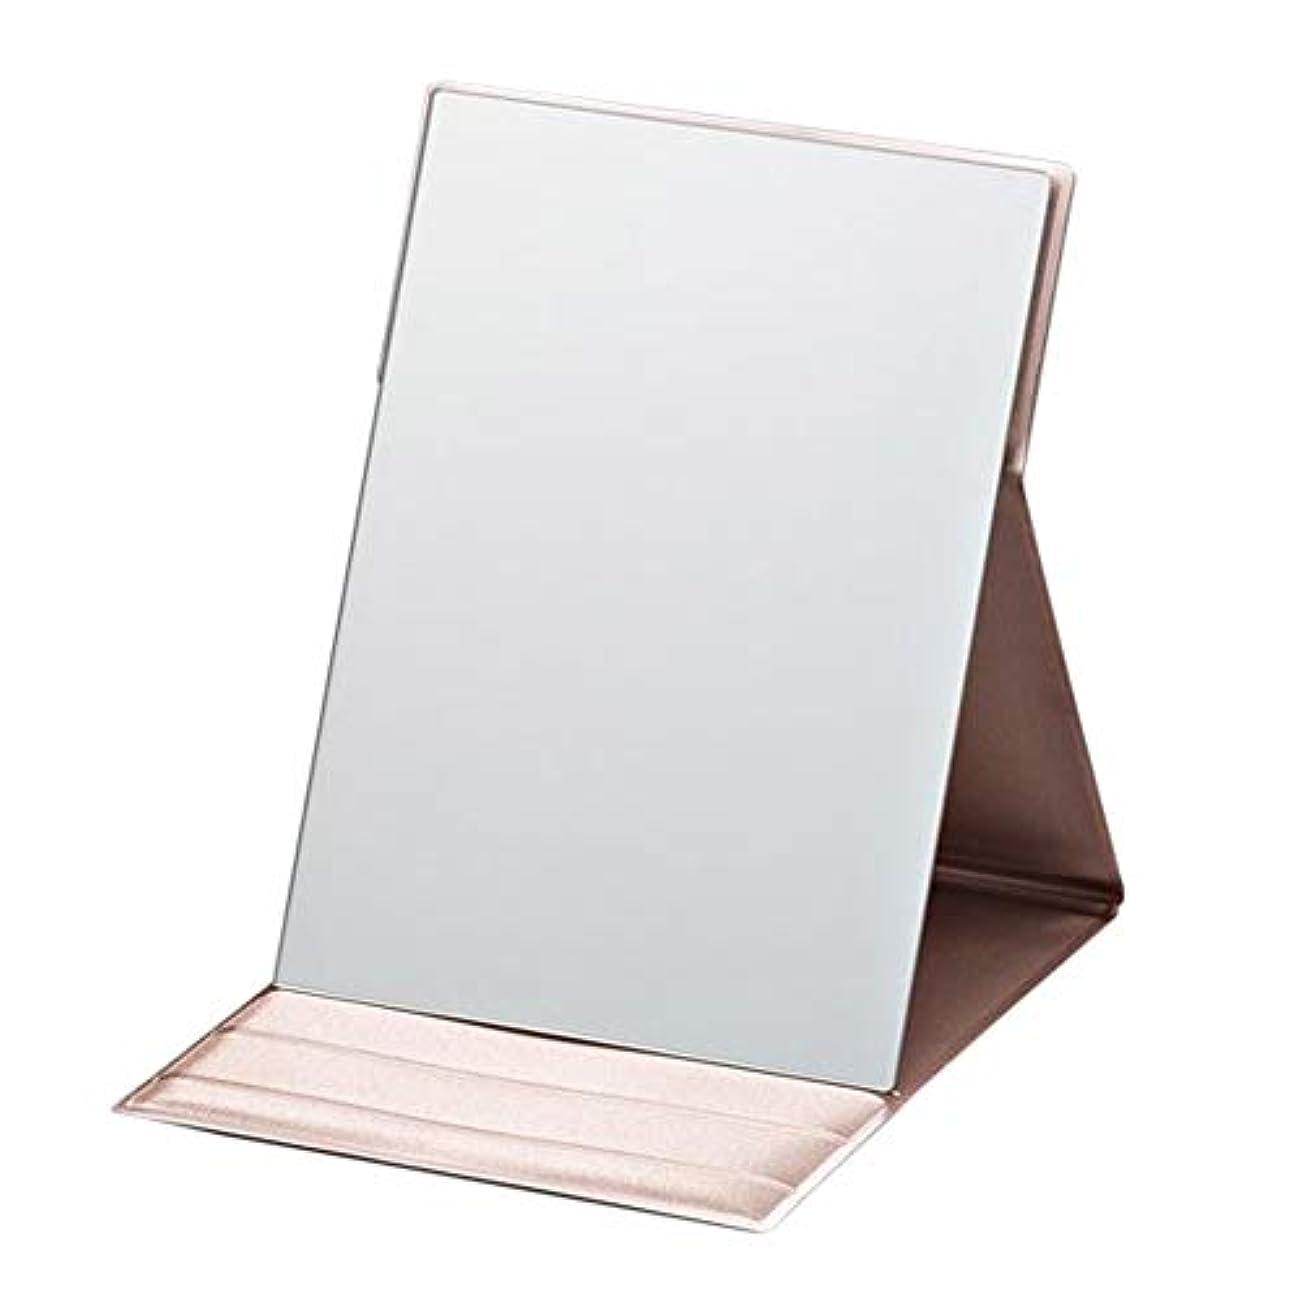 面ラウズ逃れるプロモデル折立 M ピンクゴールド 折り畳み式化粧鏡